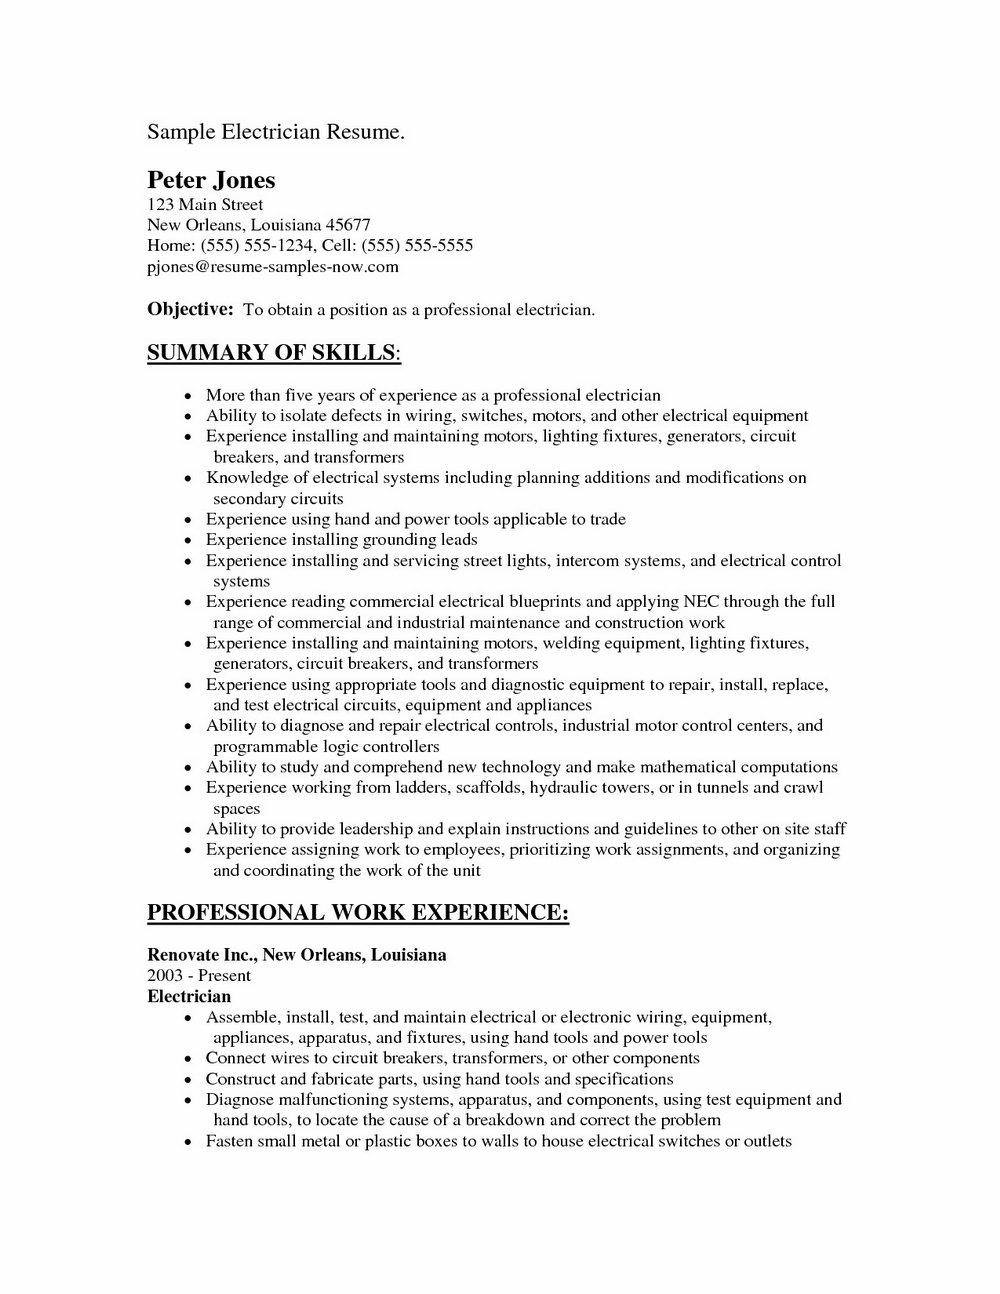 Sample Cover Letter For Hvac Job